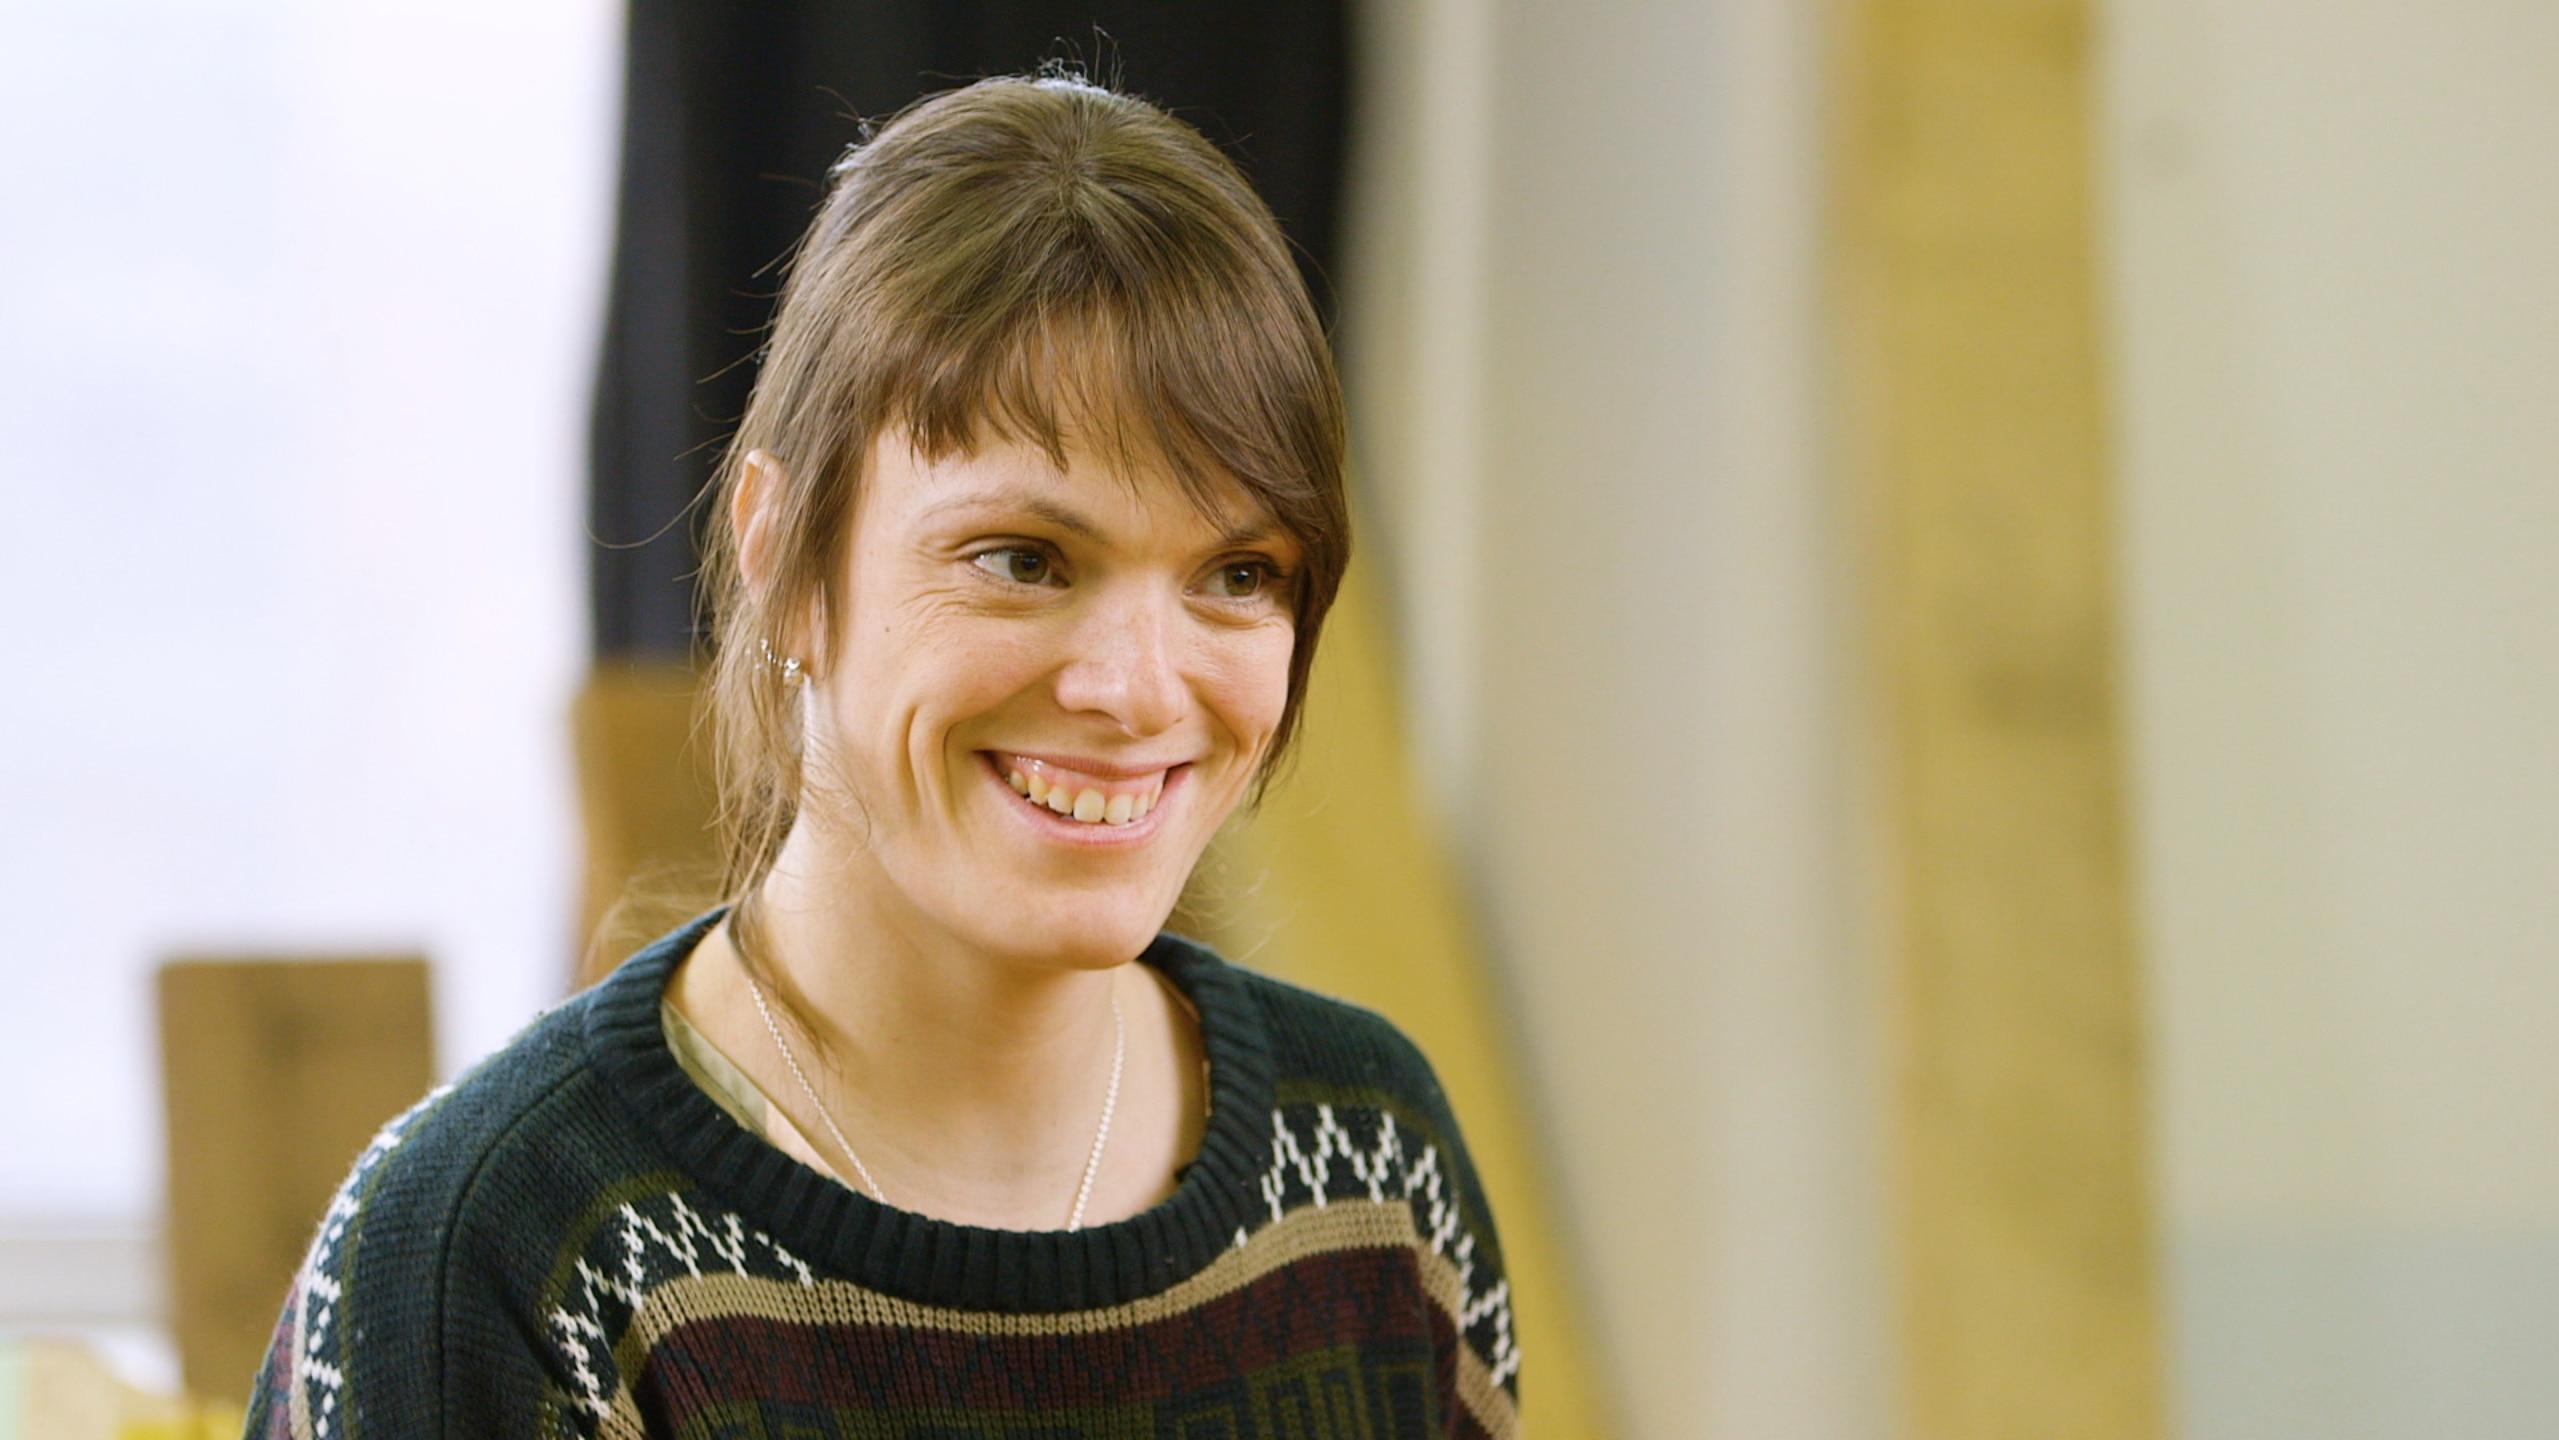 Visionner Marie-Fauve Bélanger, artiste visuelle